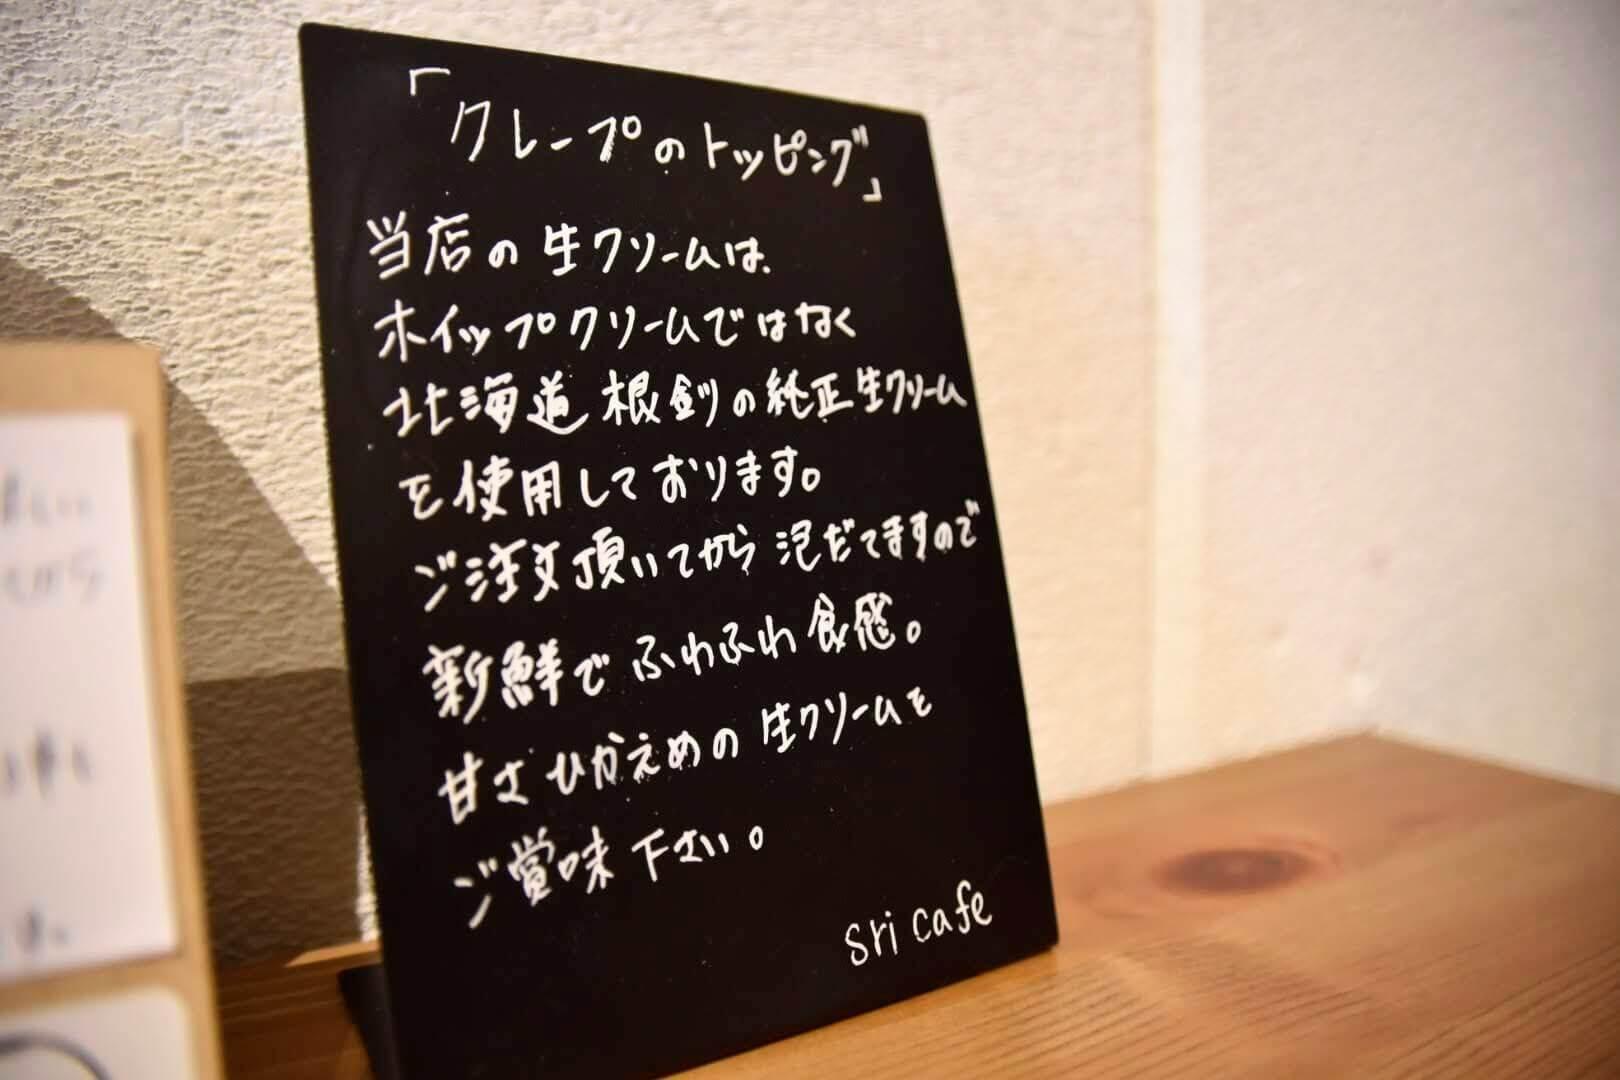 「北海道根釧の純正生クリーム」の解説